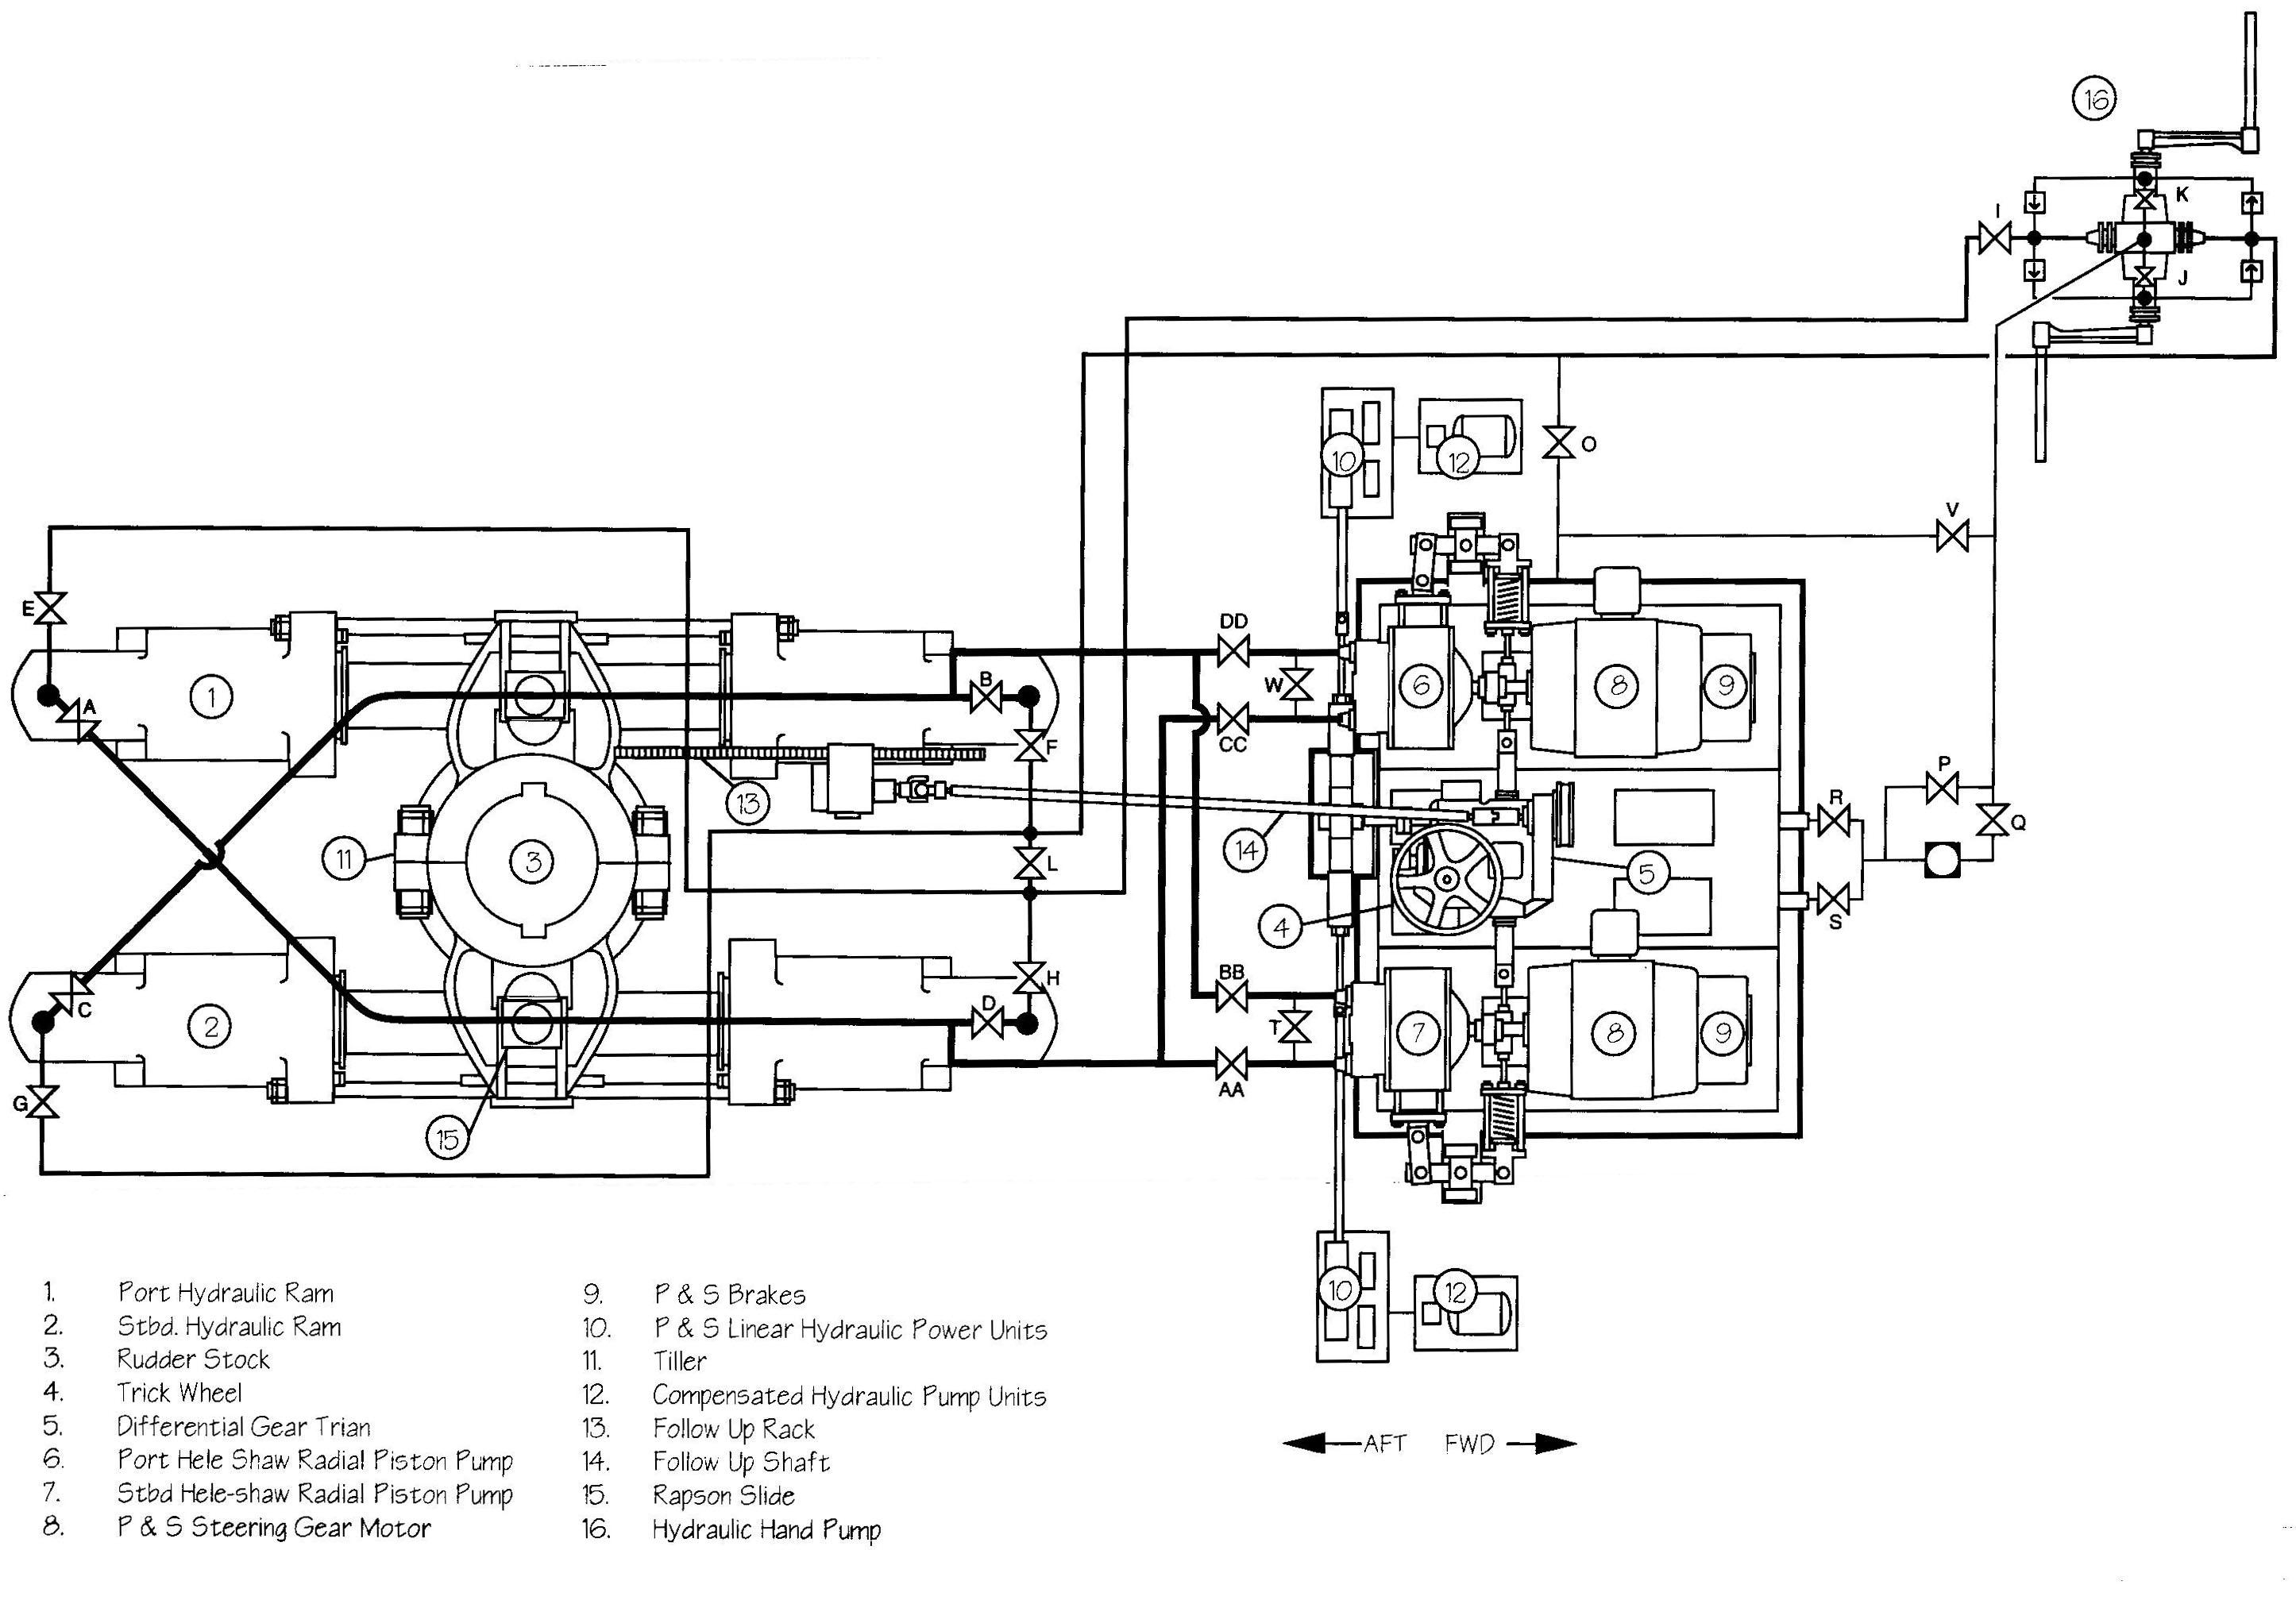 Steering Gear Hydraulic Systems